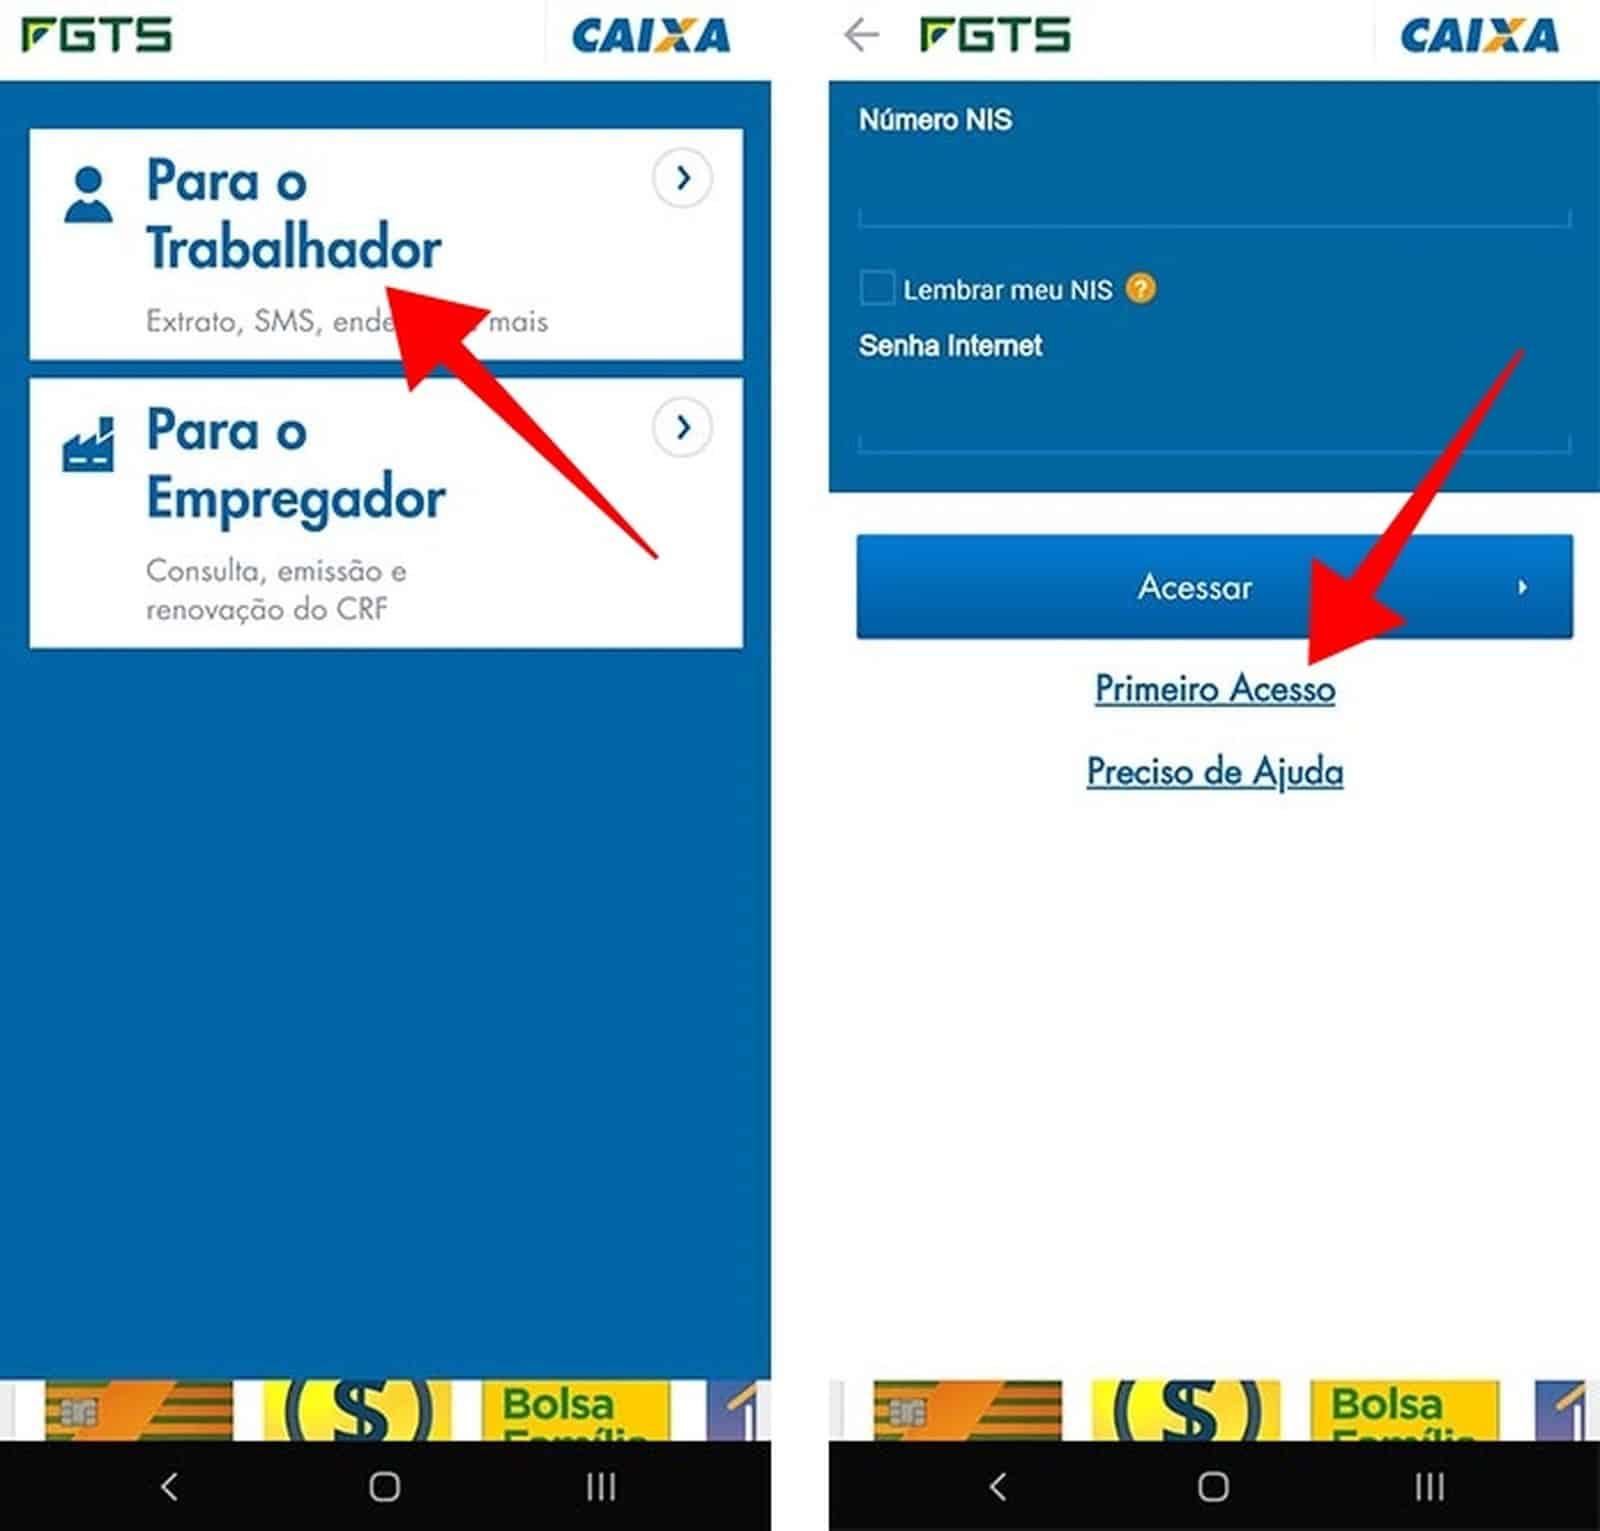 Acesse o modo Trabalhador e crie uma conta no app FGTS 2019 — Foto: Reprodução/Paulo Alves